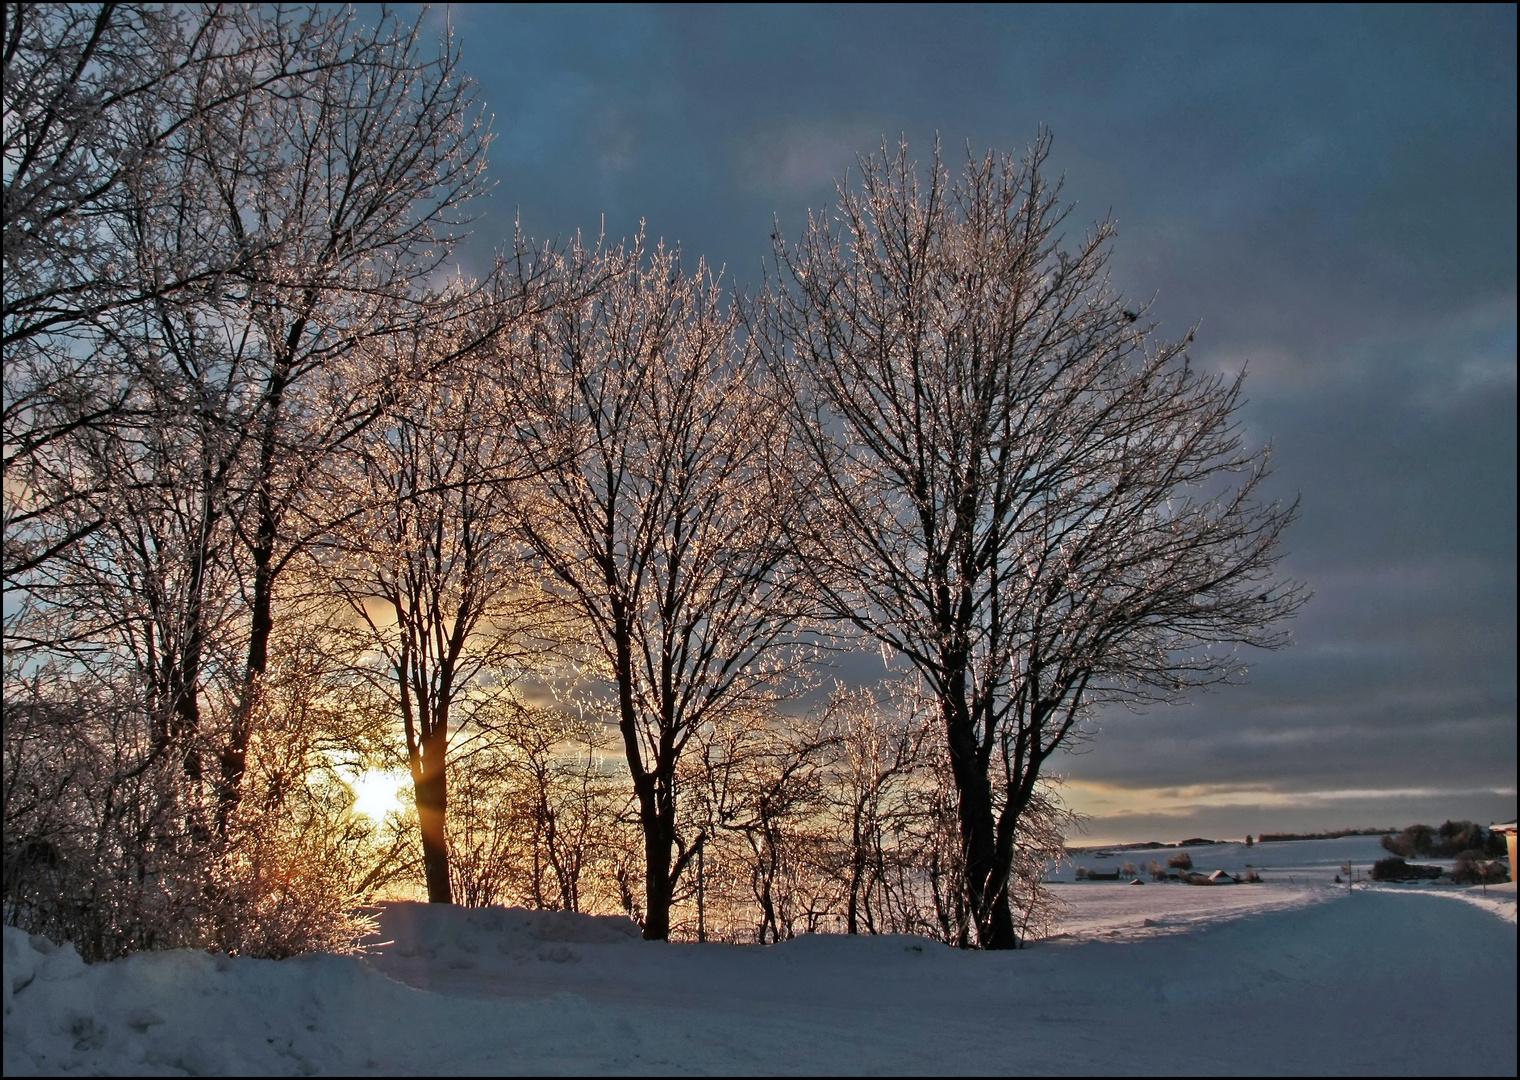 vereiste Bäume